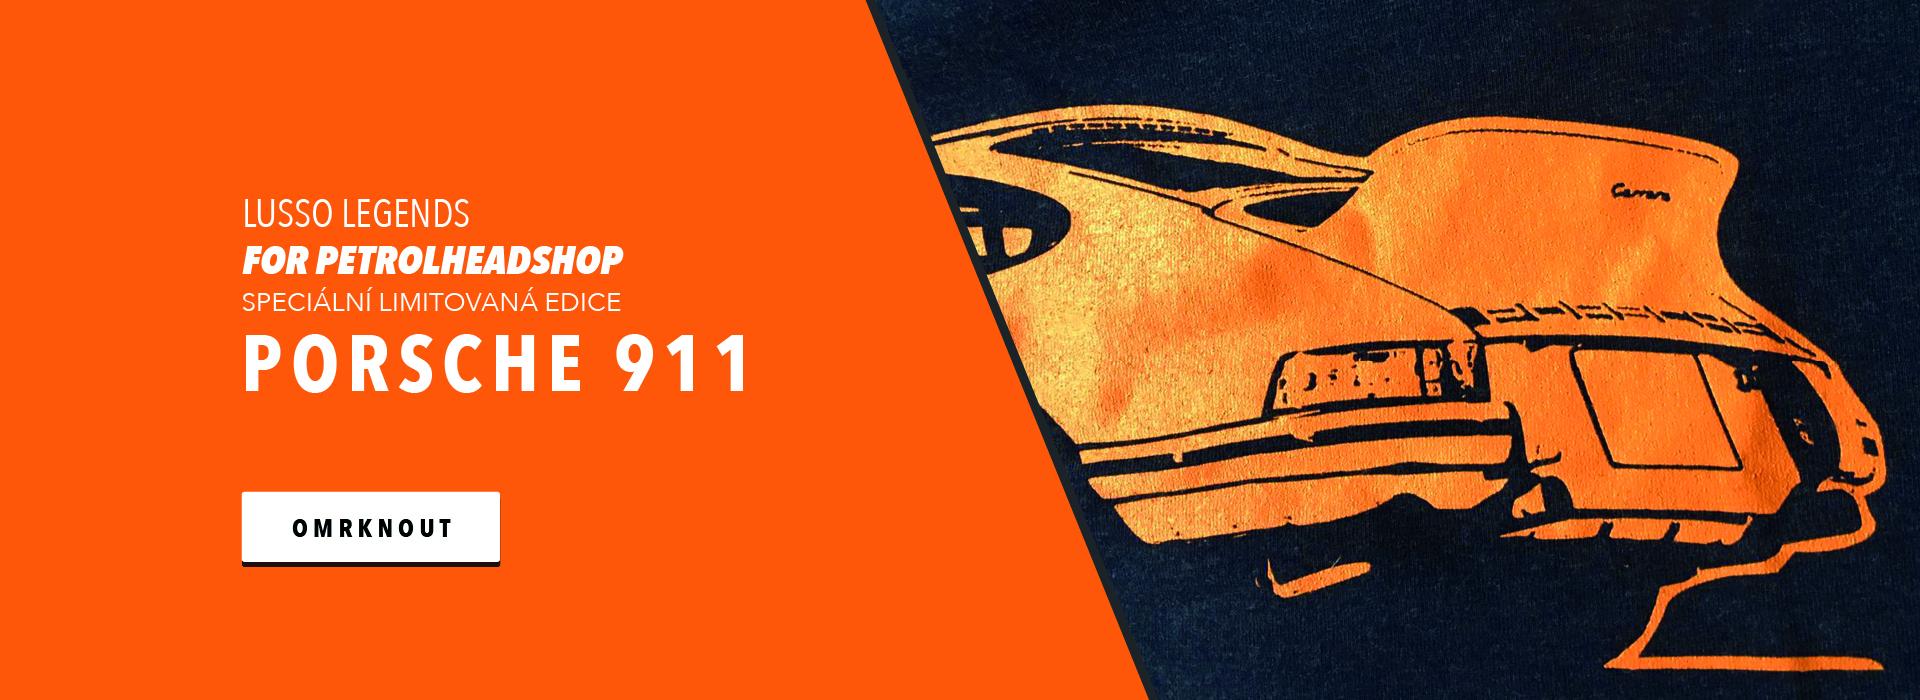 LIMITED EDITION Porsche Carrera 911